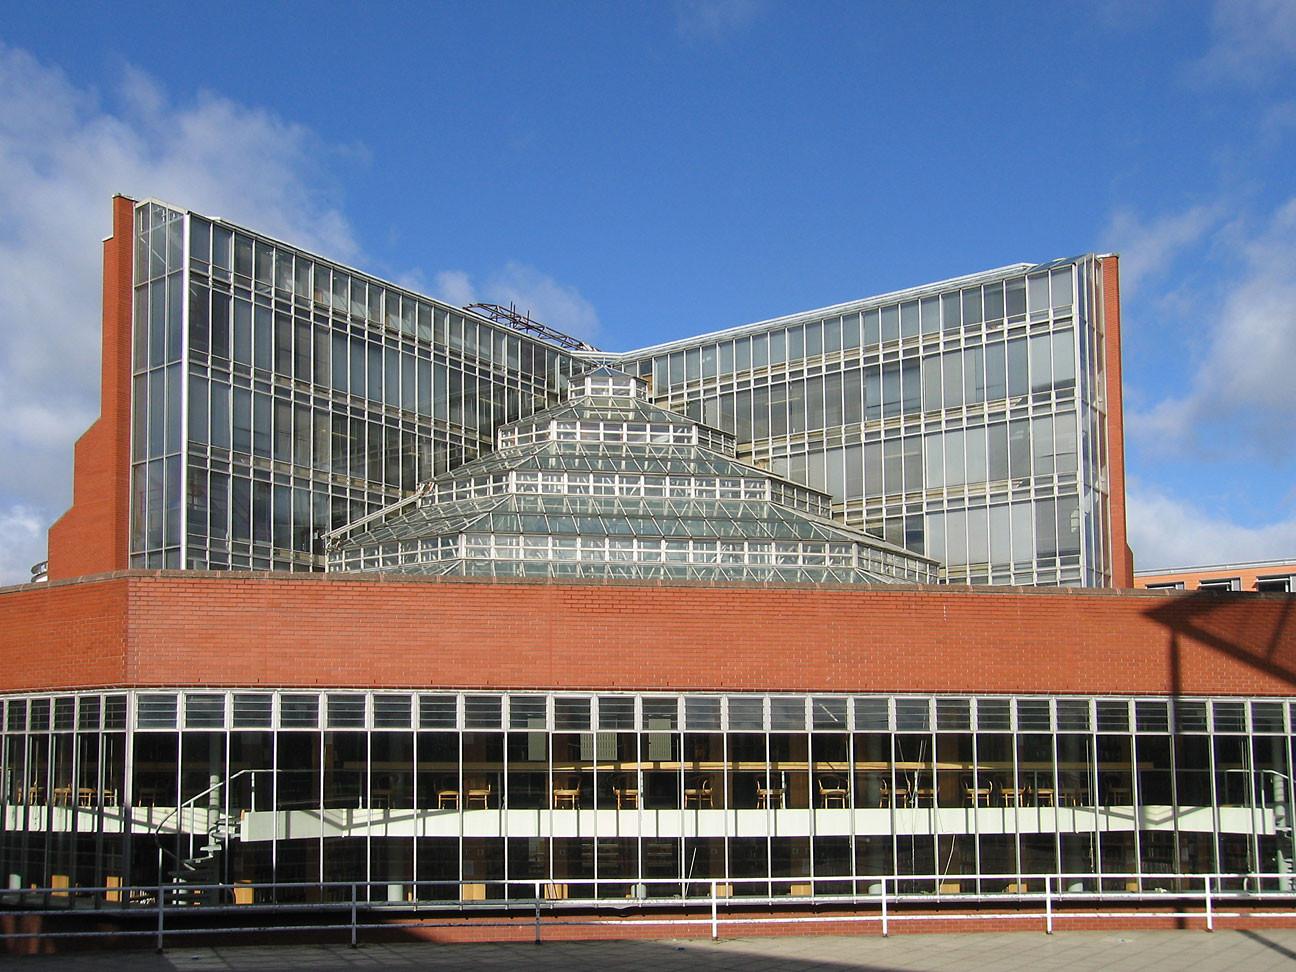 Джеймс Стерлинг. Здание исторического факультета Кембриджского университета, 1964-1968